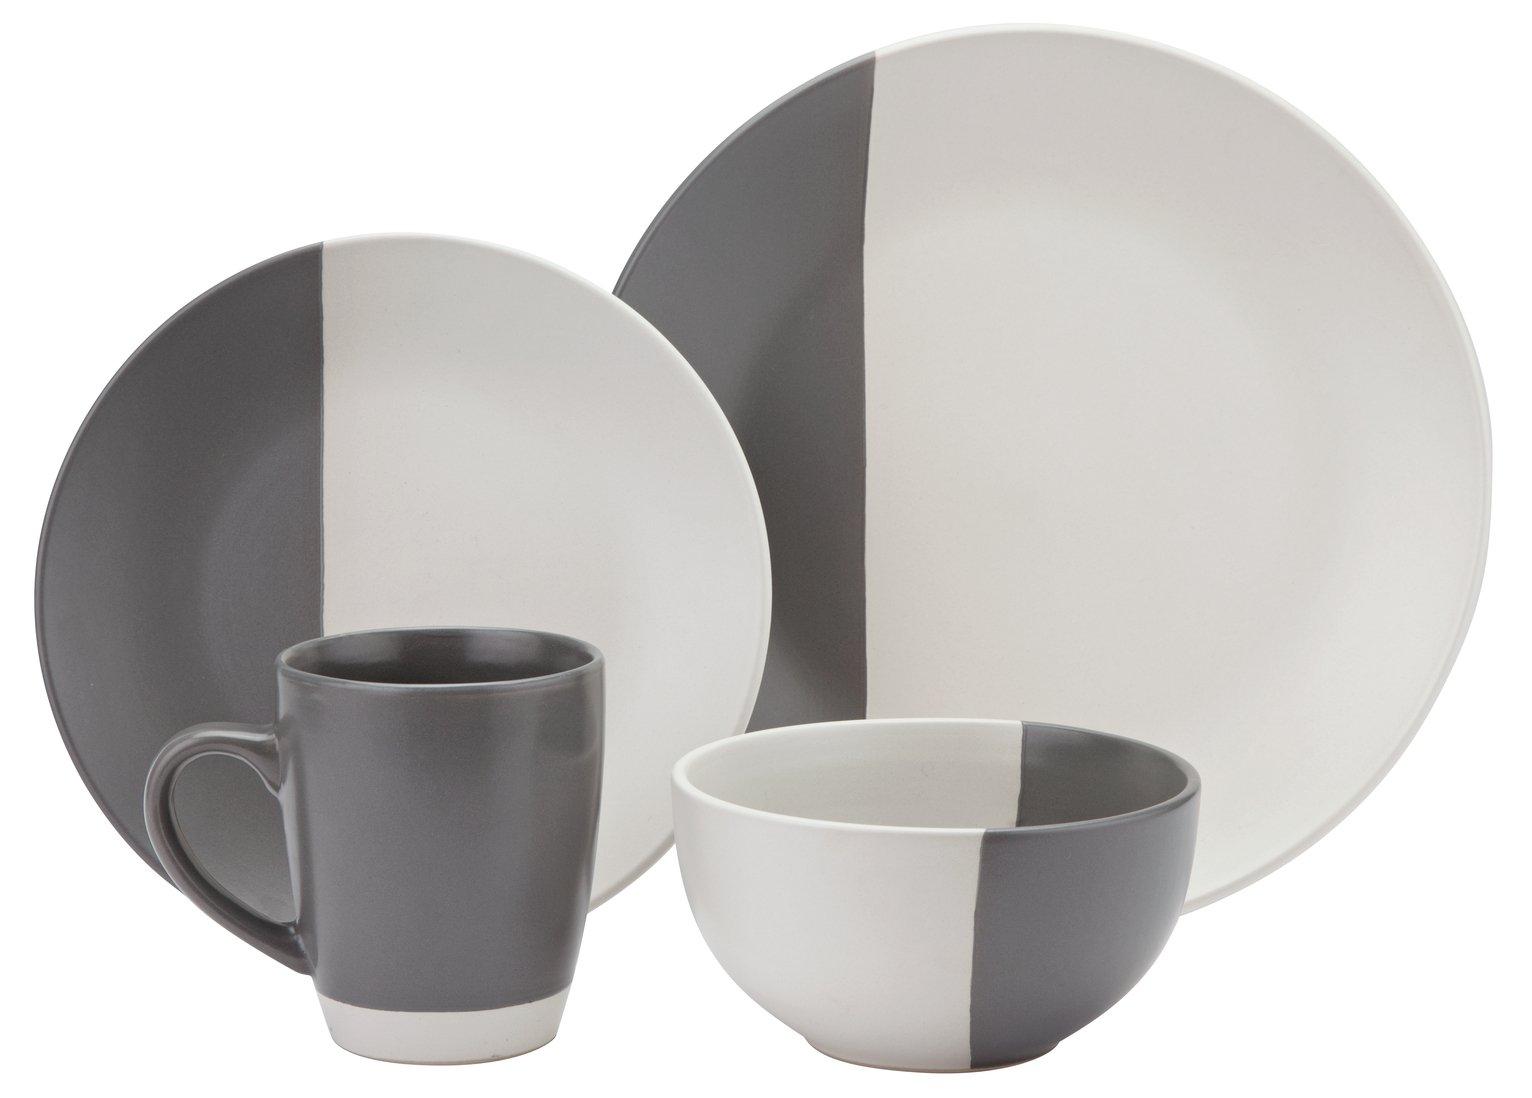 Argos Home 16 Piece Stoneware Dip Dinner Set - Grey